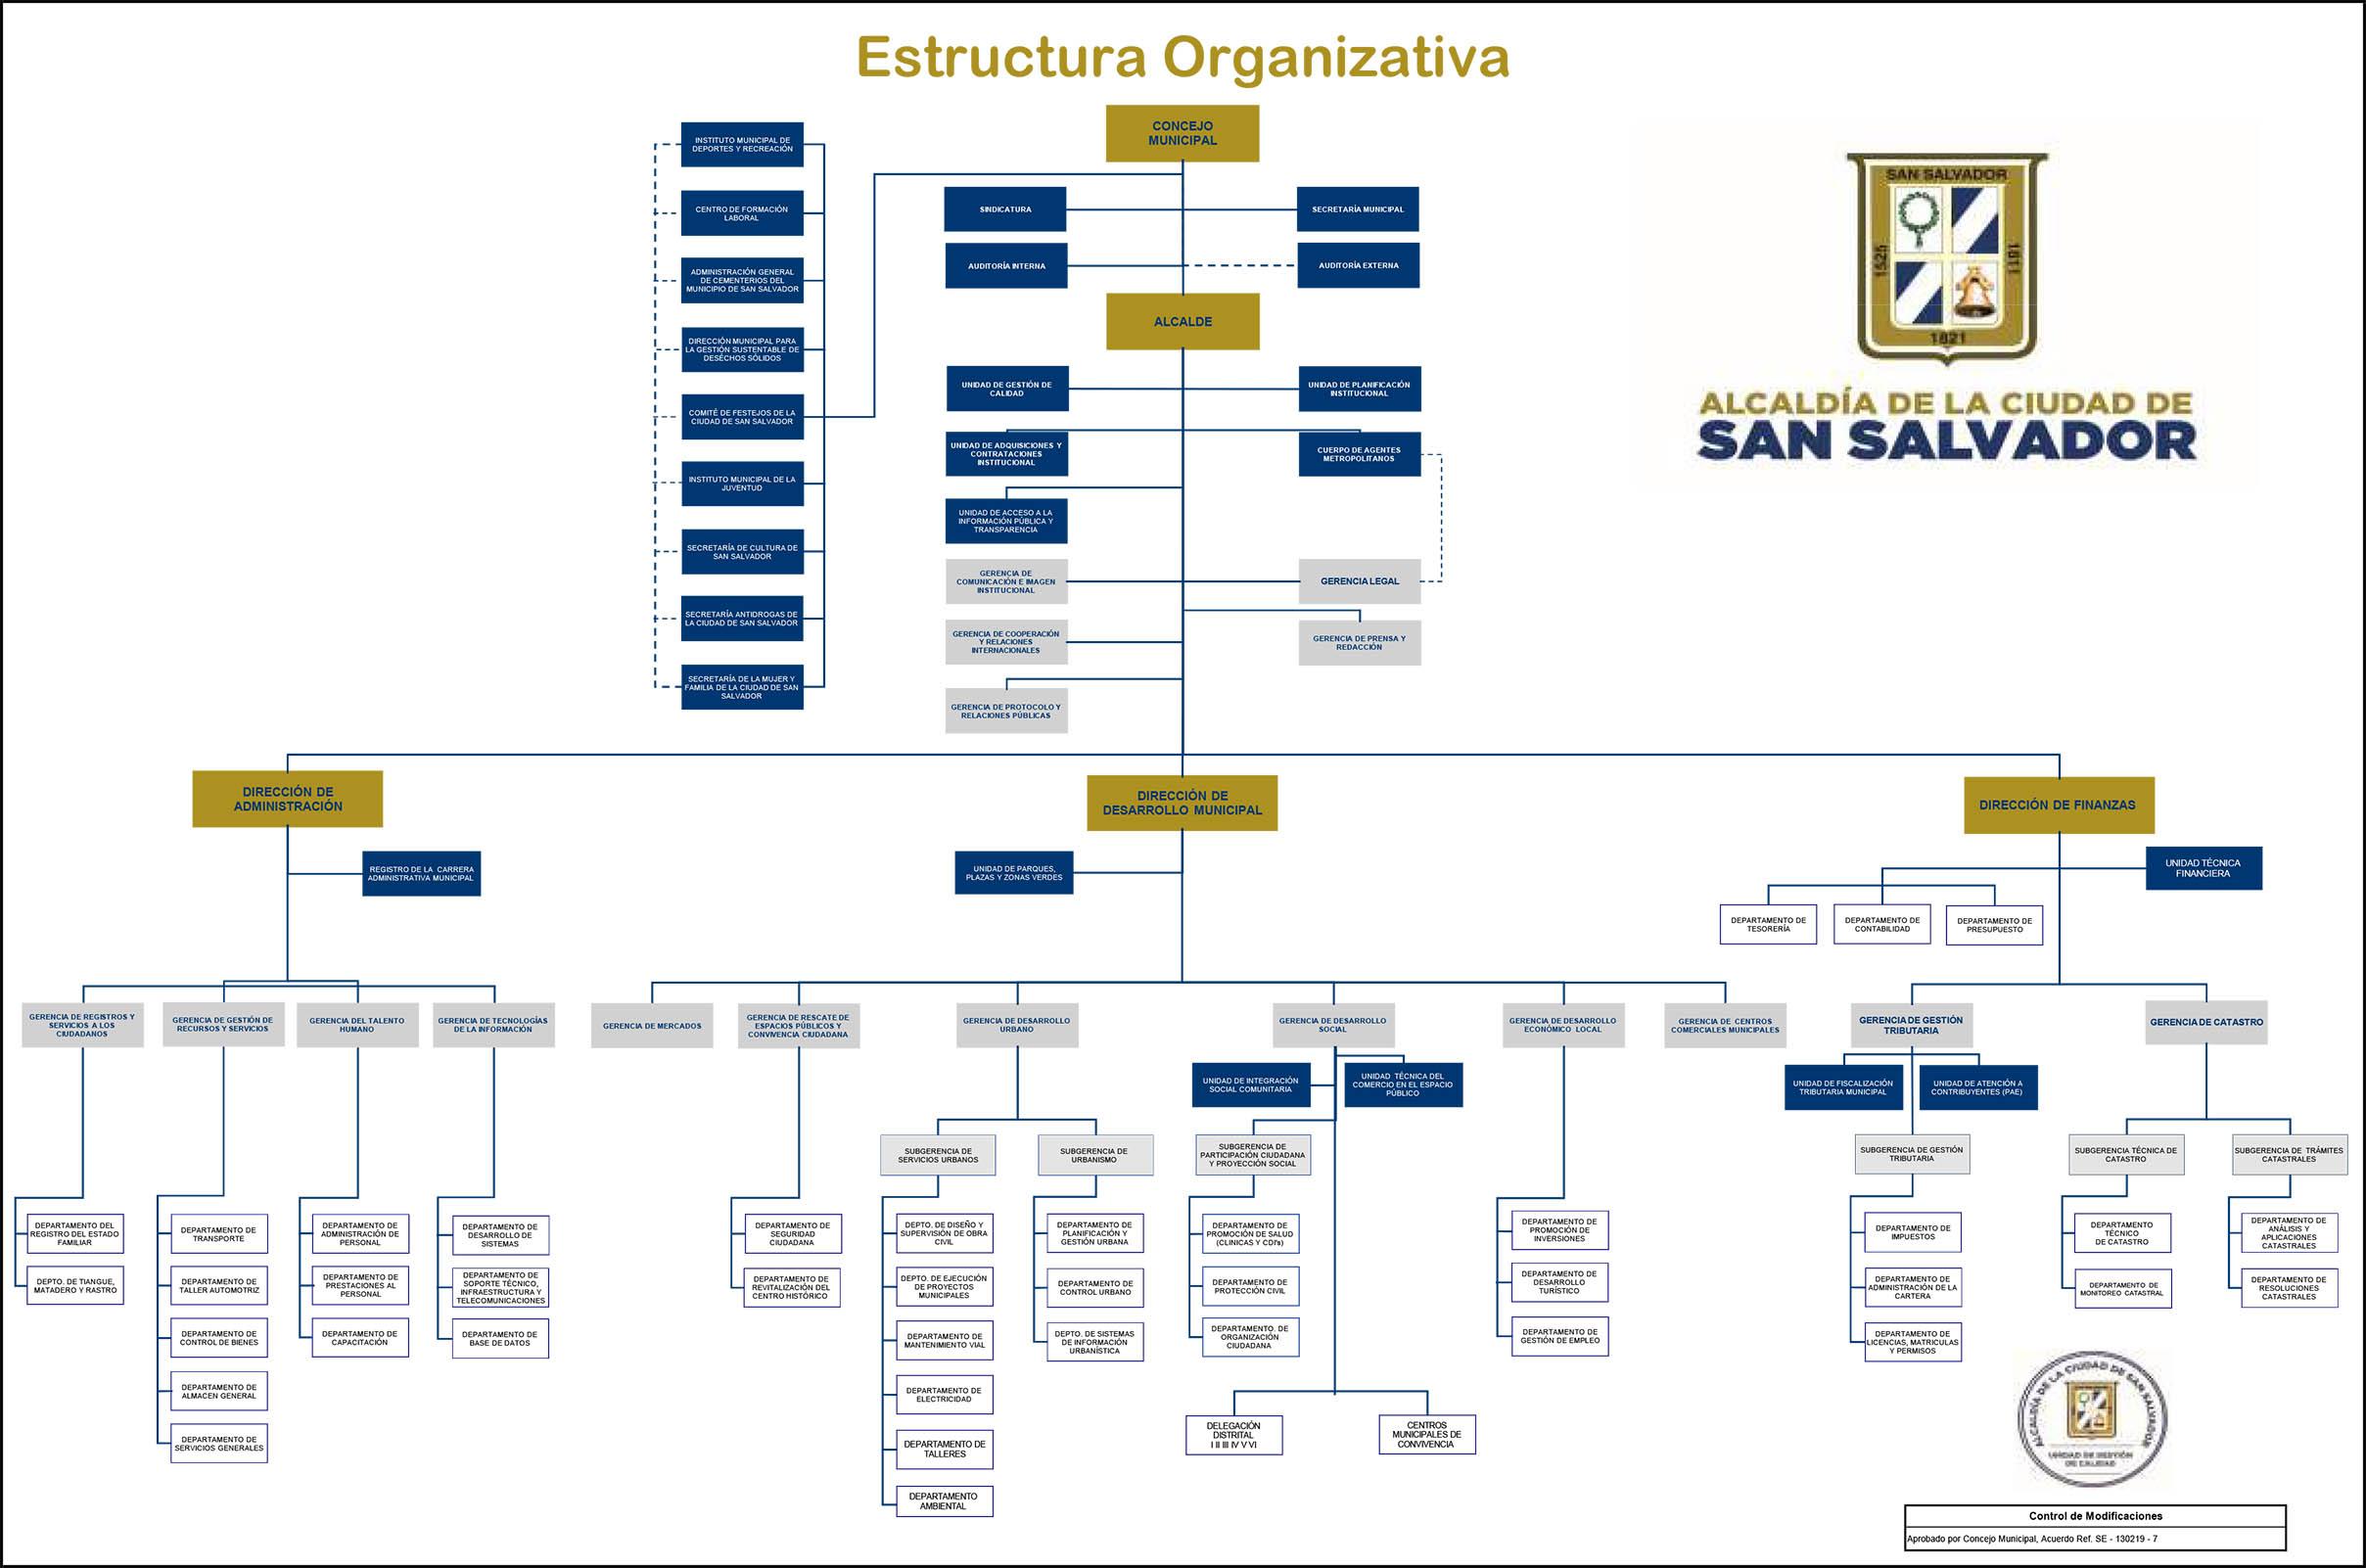 Manual De Organizacion Y Funciones Sansalvador Gob Sv